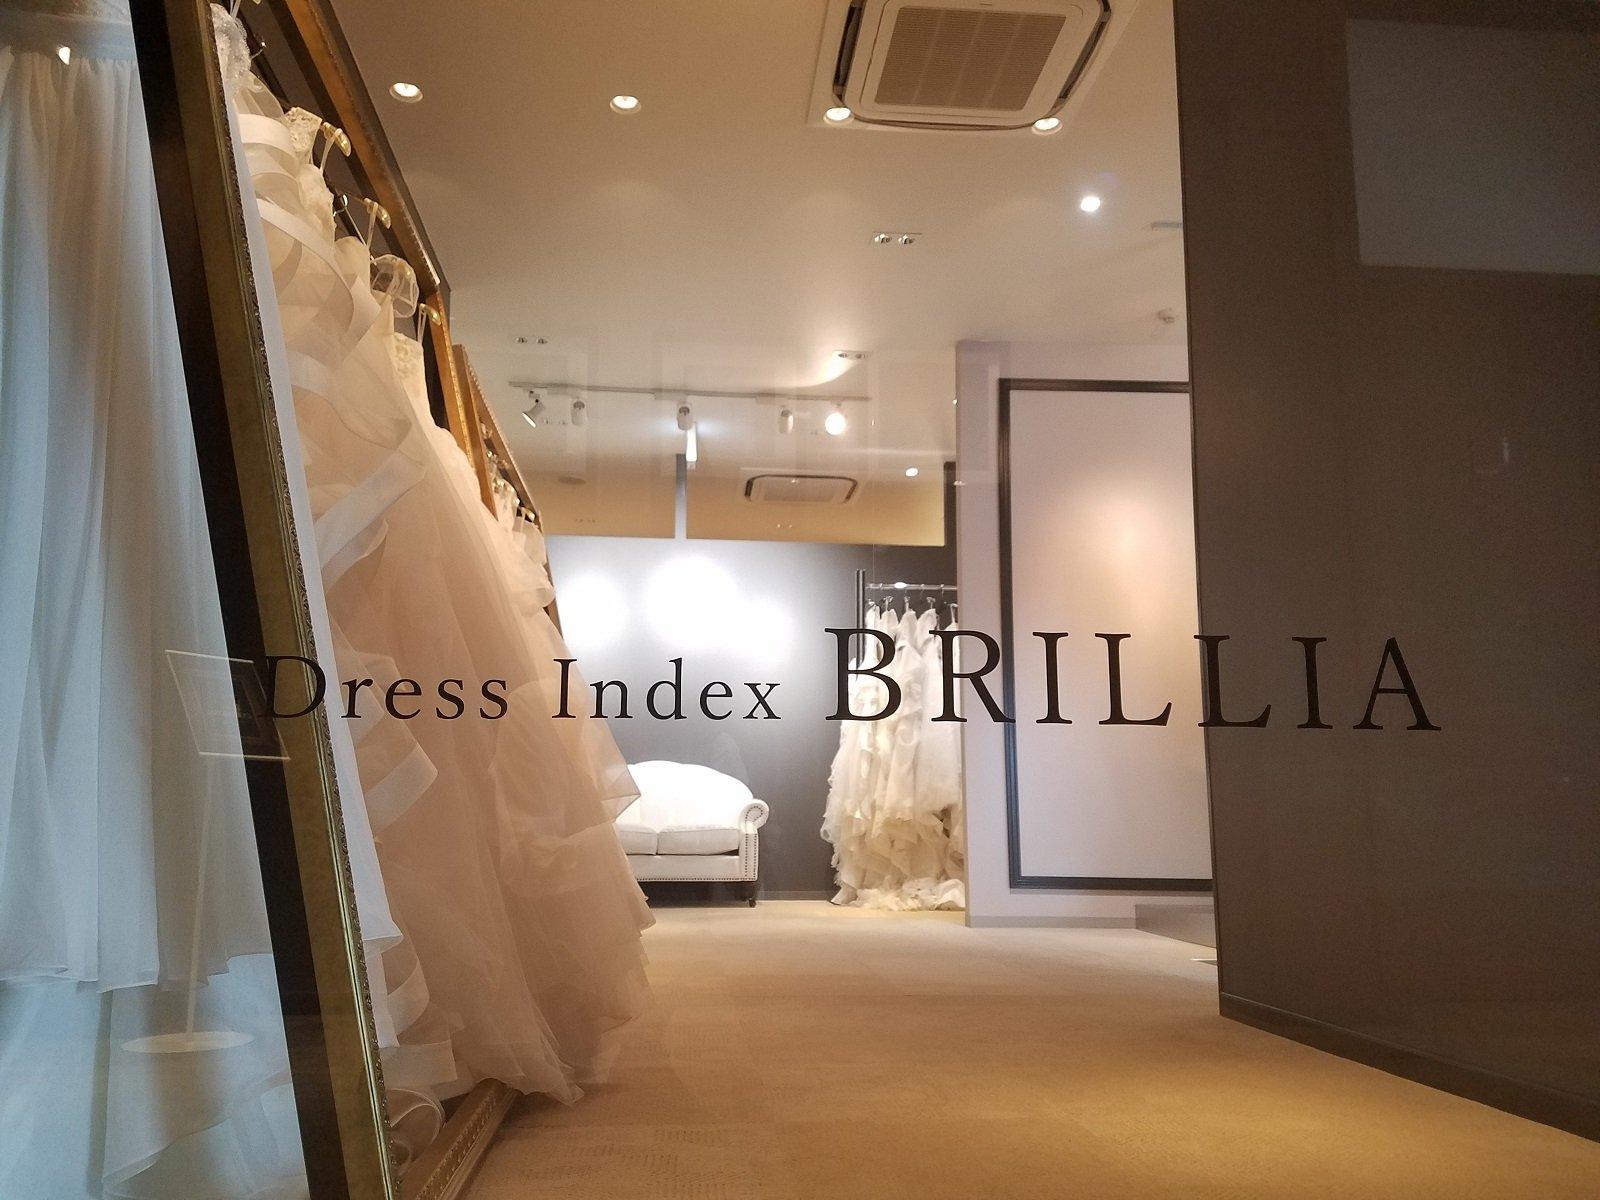 花嫁のためのドレスサロンブライリア